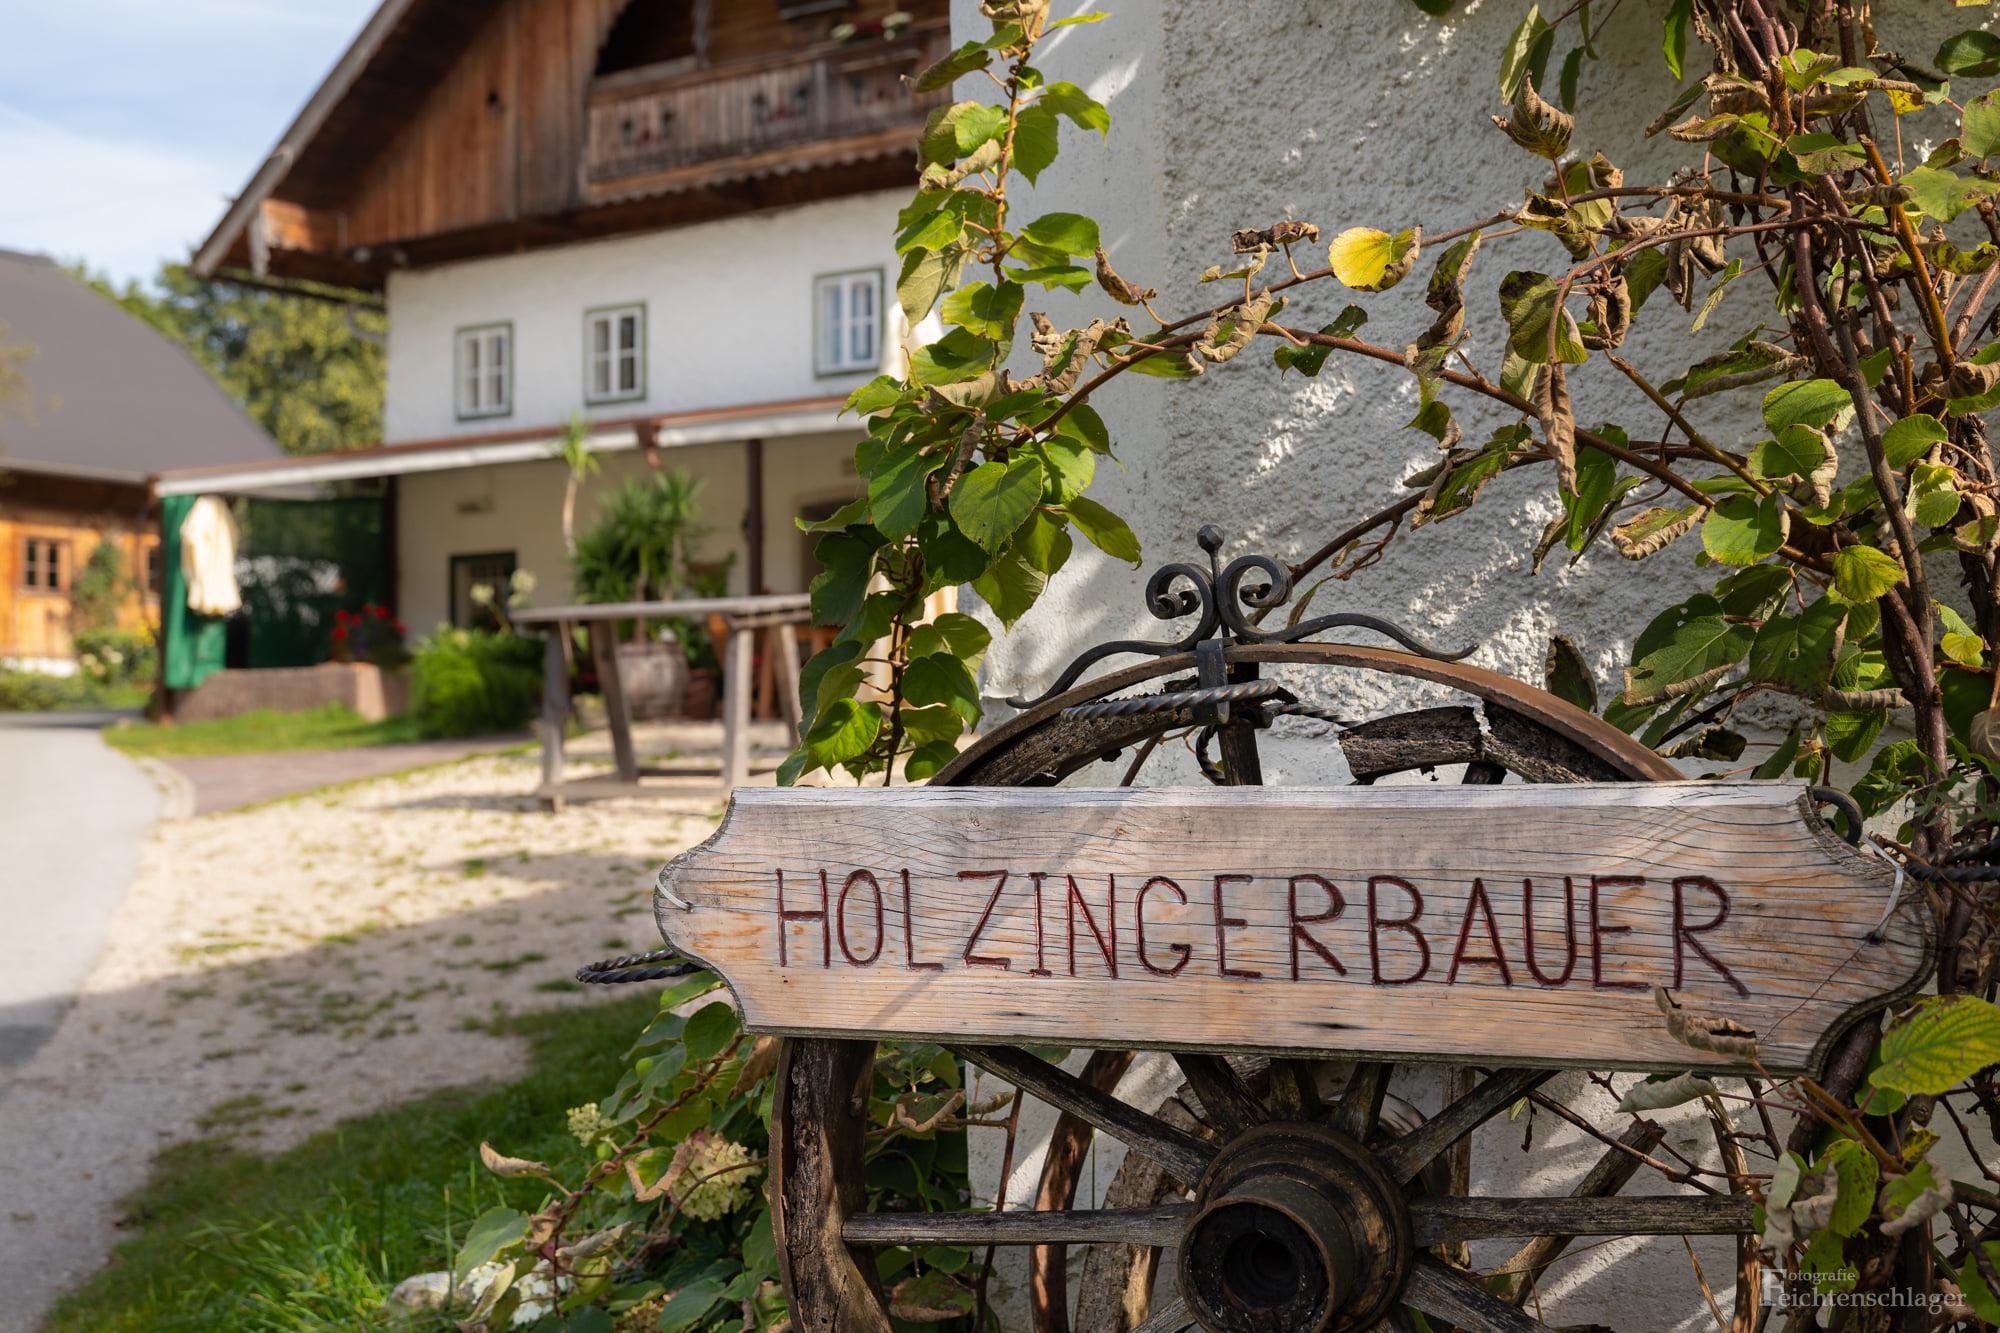 Beim Holzingerbauer